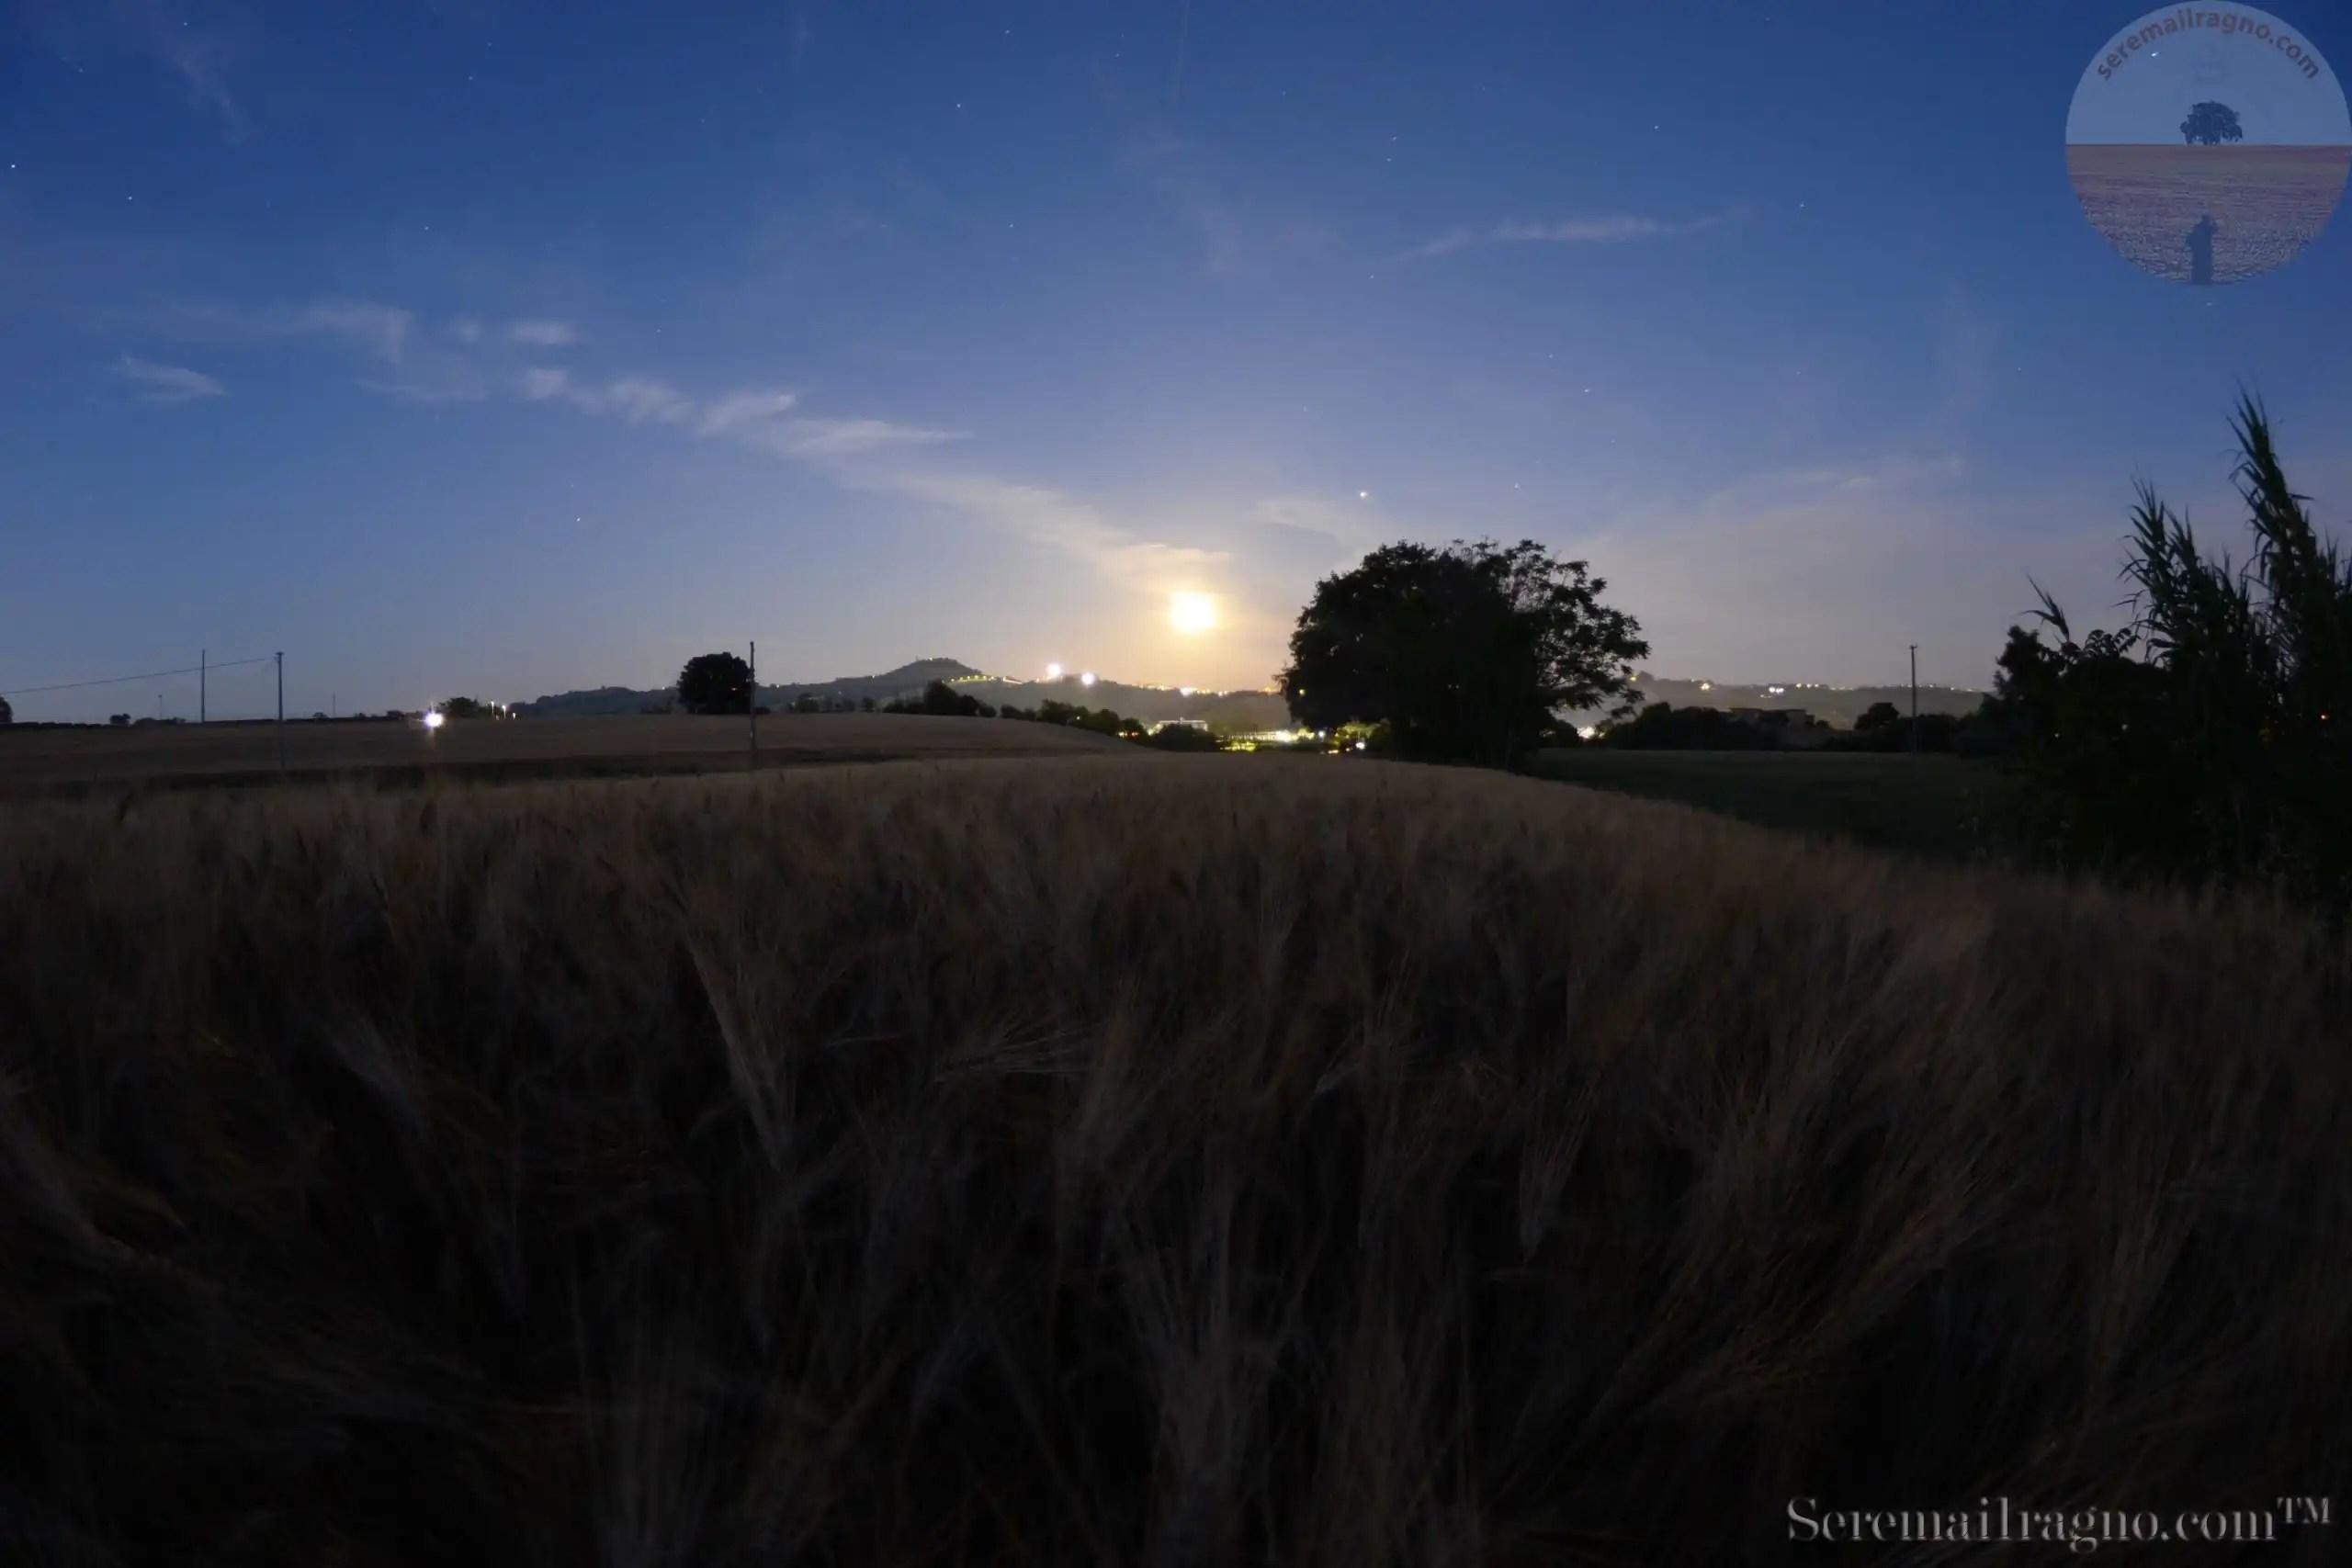 Le notti d'estate – Il grano e la luna